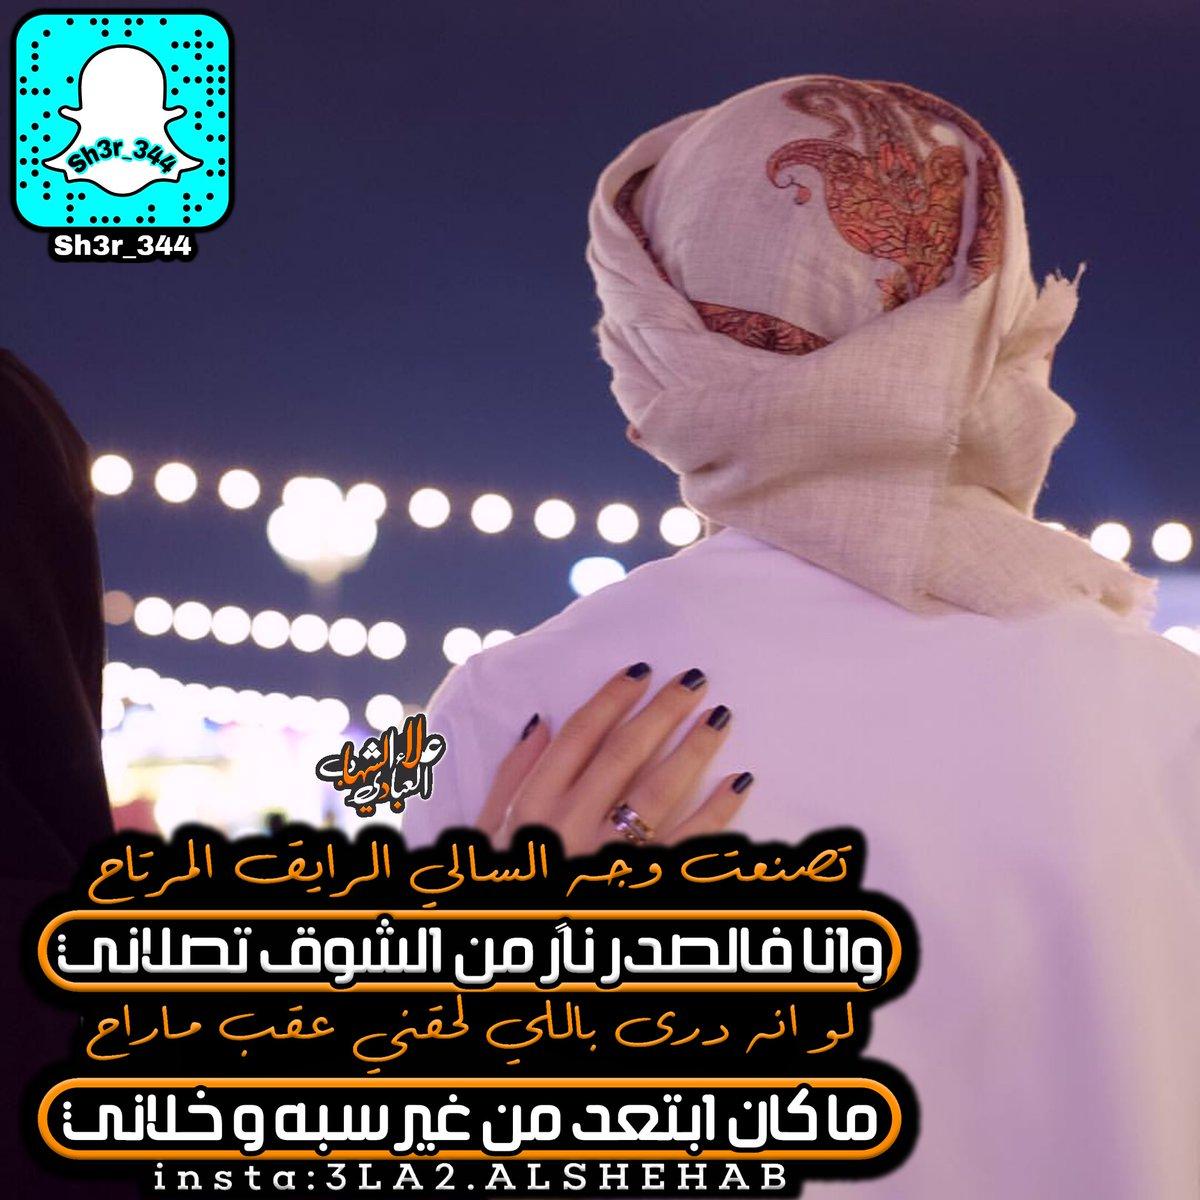 شعر غزل خليجي اقوي قصائد الغزل الخليجي احساس ناعم